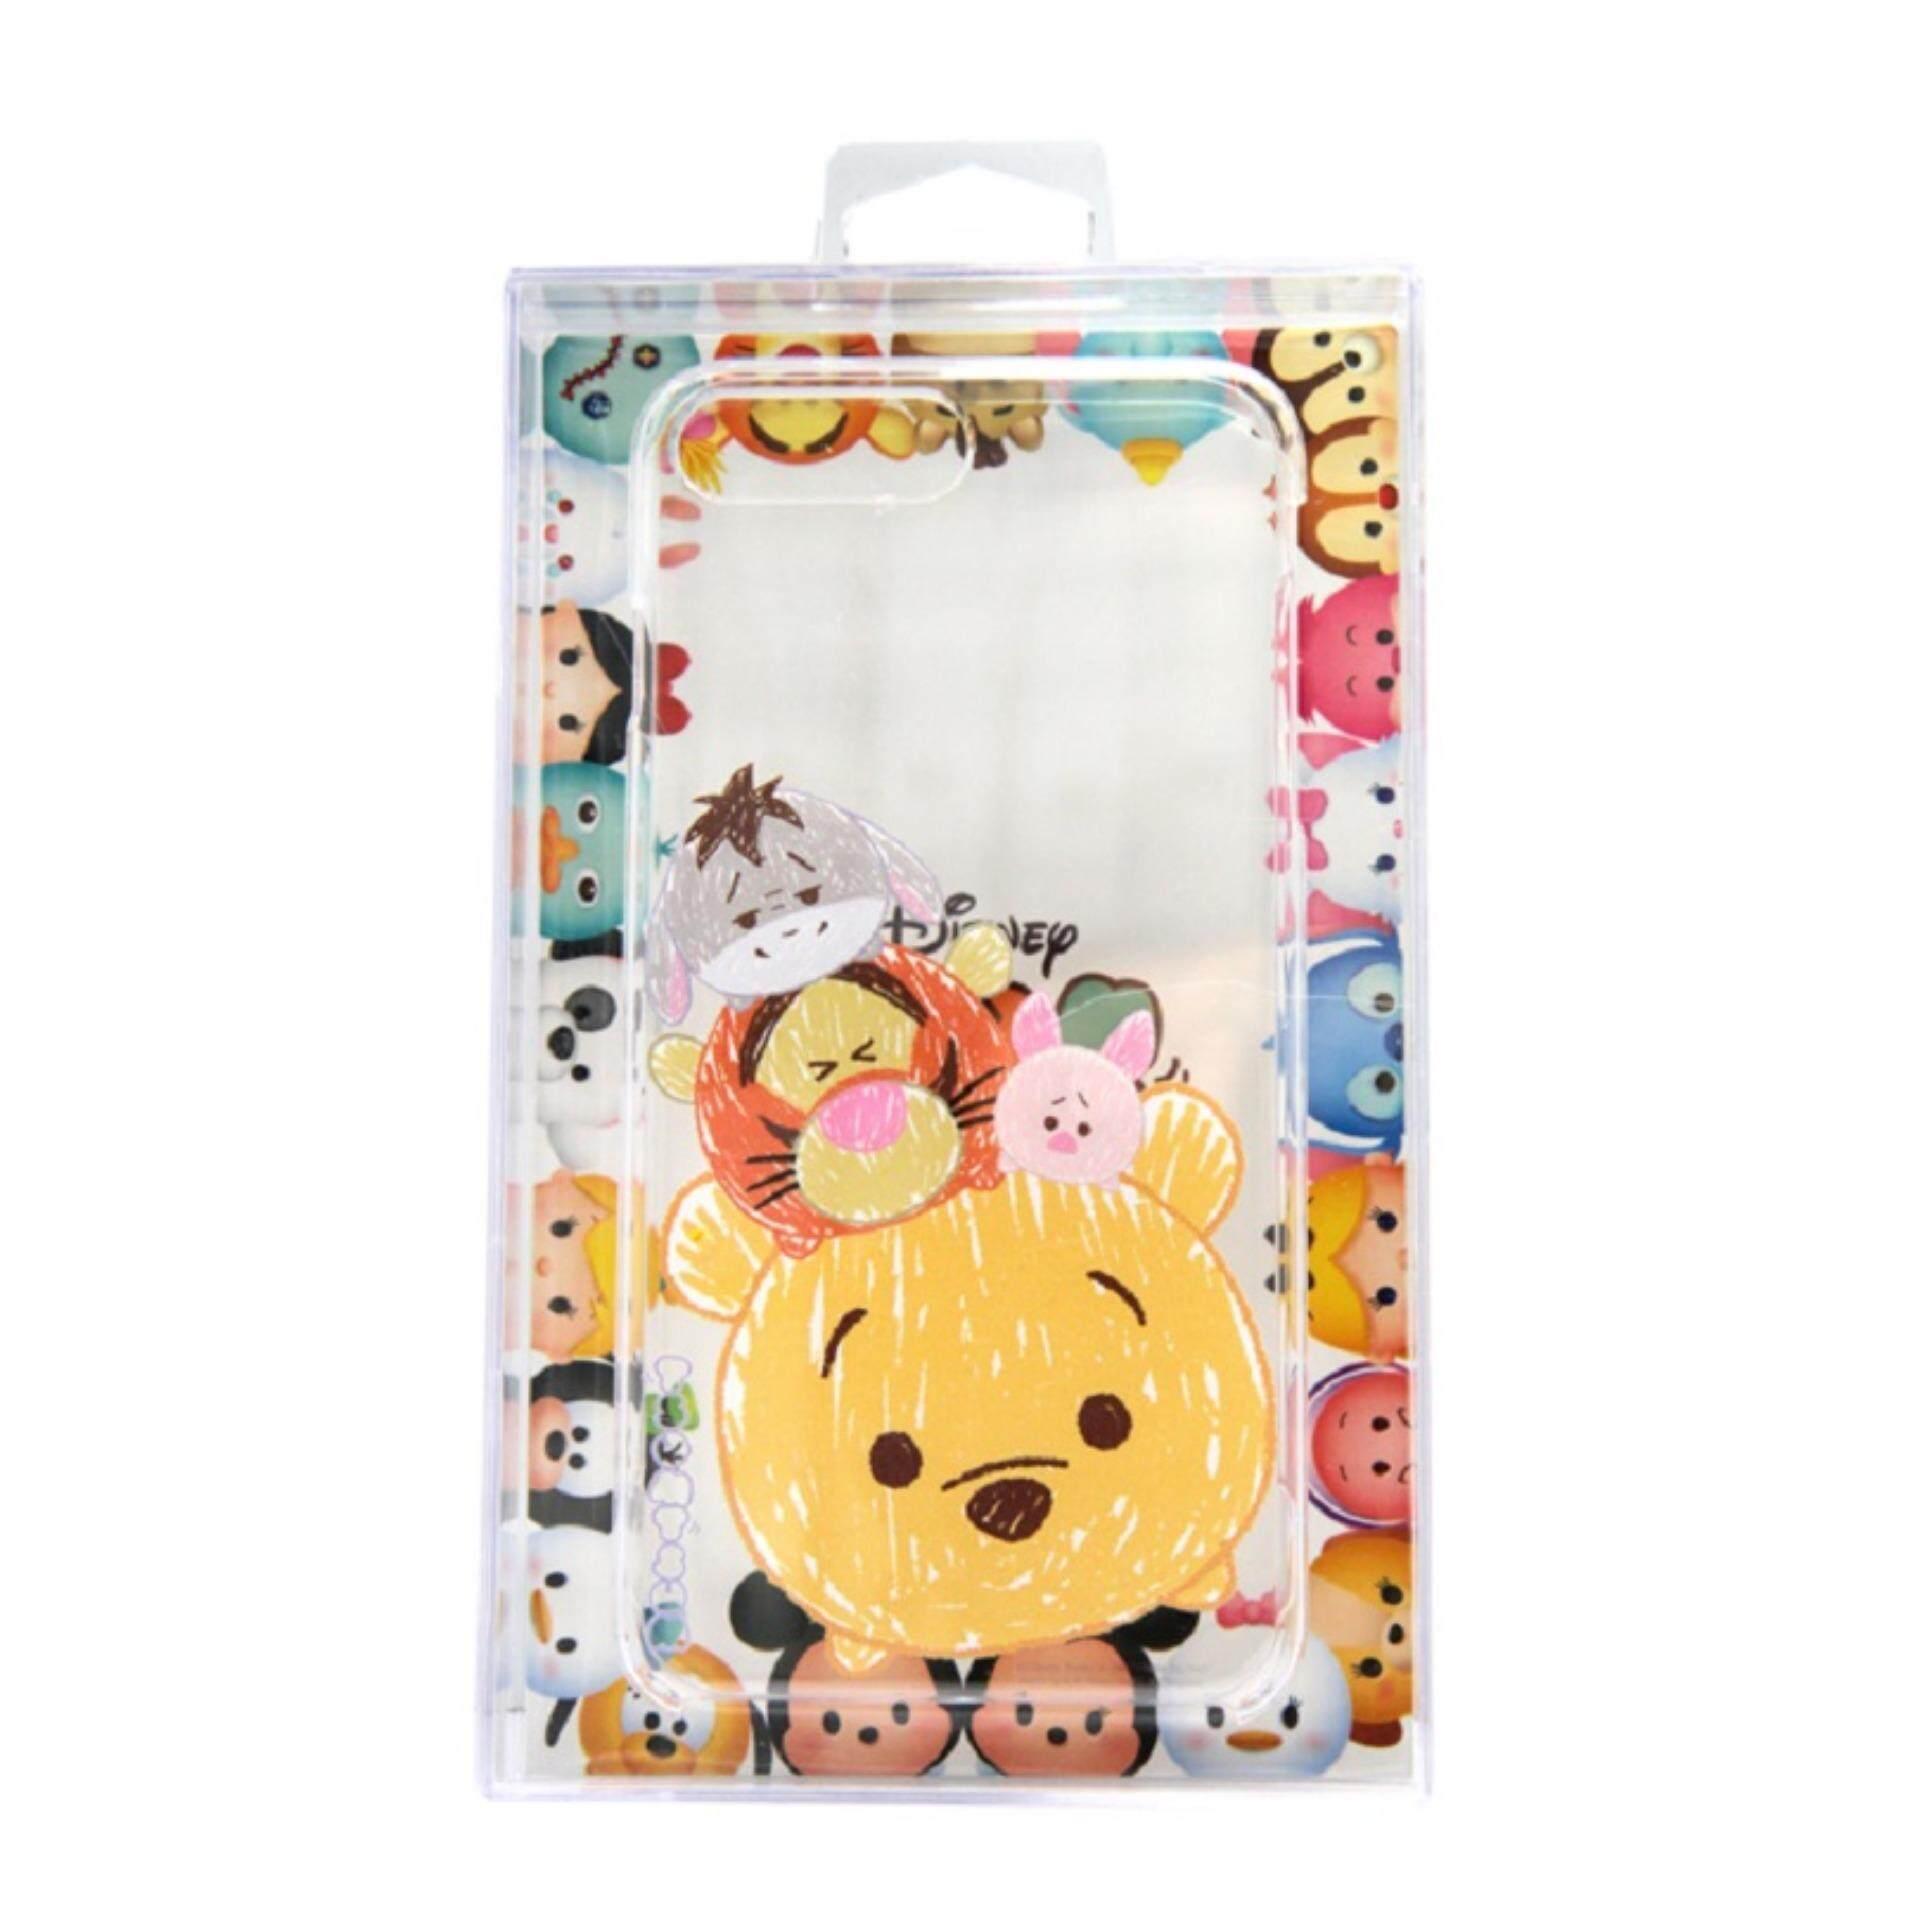 Disney Tsum Tsum Transparent iPhone 7 Plus Case - Pooh Family